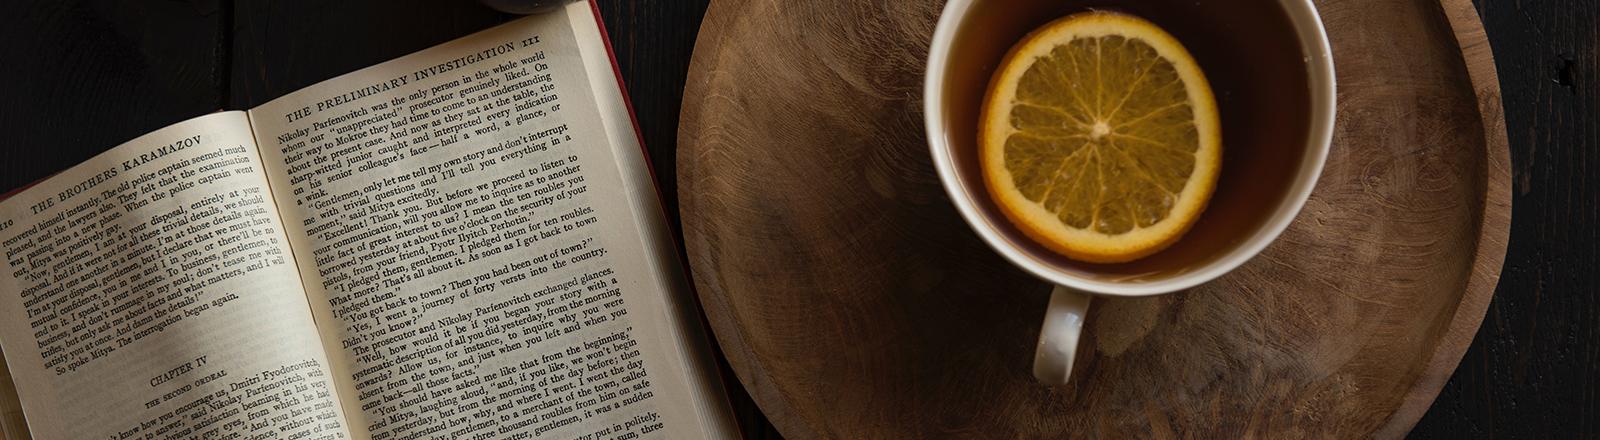 Auf einem Tisch liegt ein aufgeschlagenes Buch, daneben steht eine Tasse Tee mit einer Orangenscheibe.